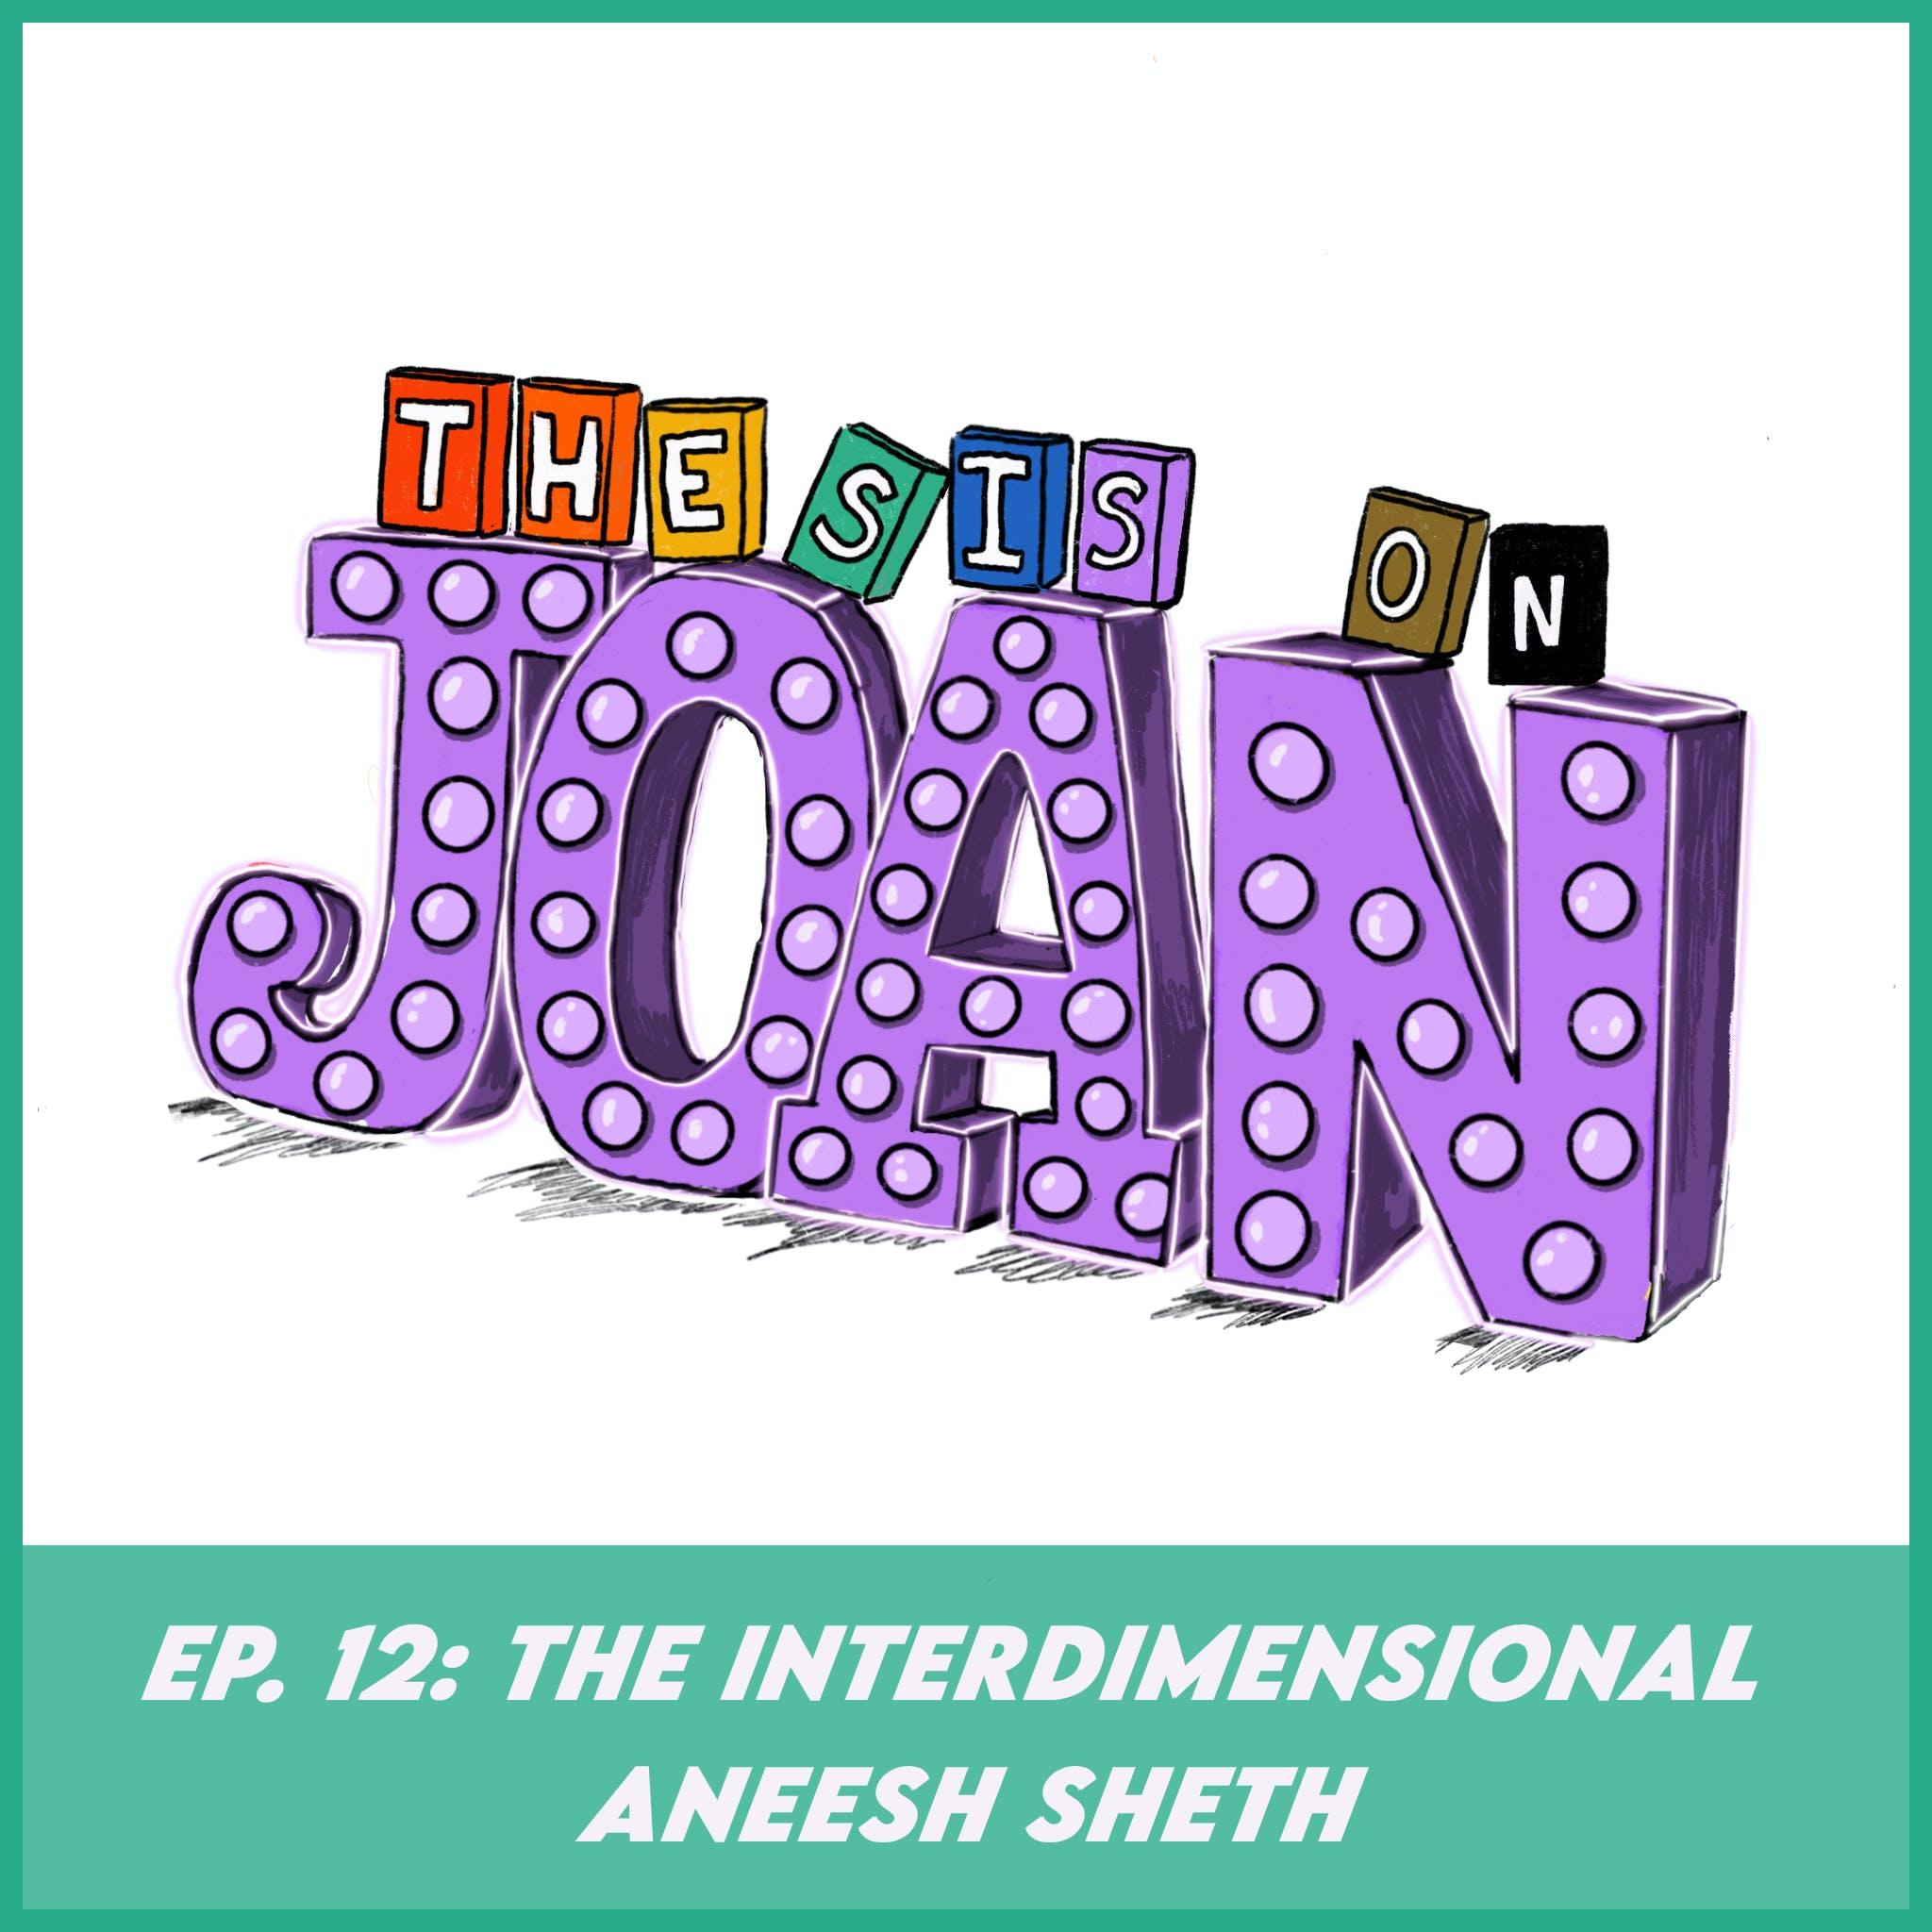 #12 The Interdimensional Aneesh Sheth